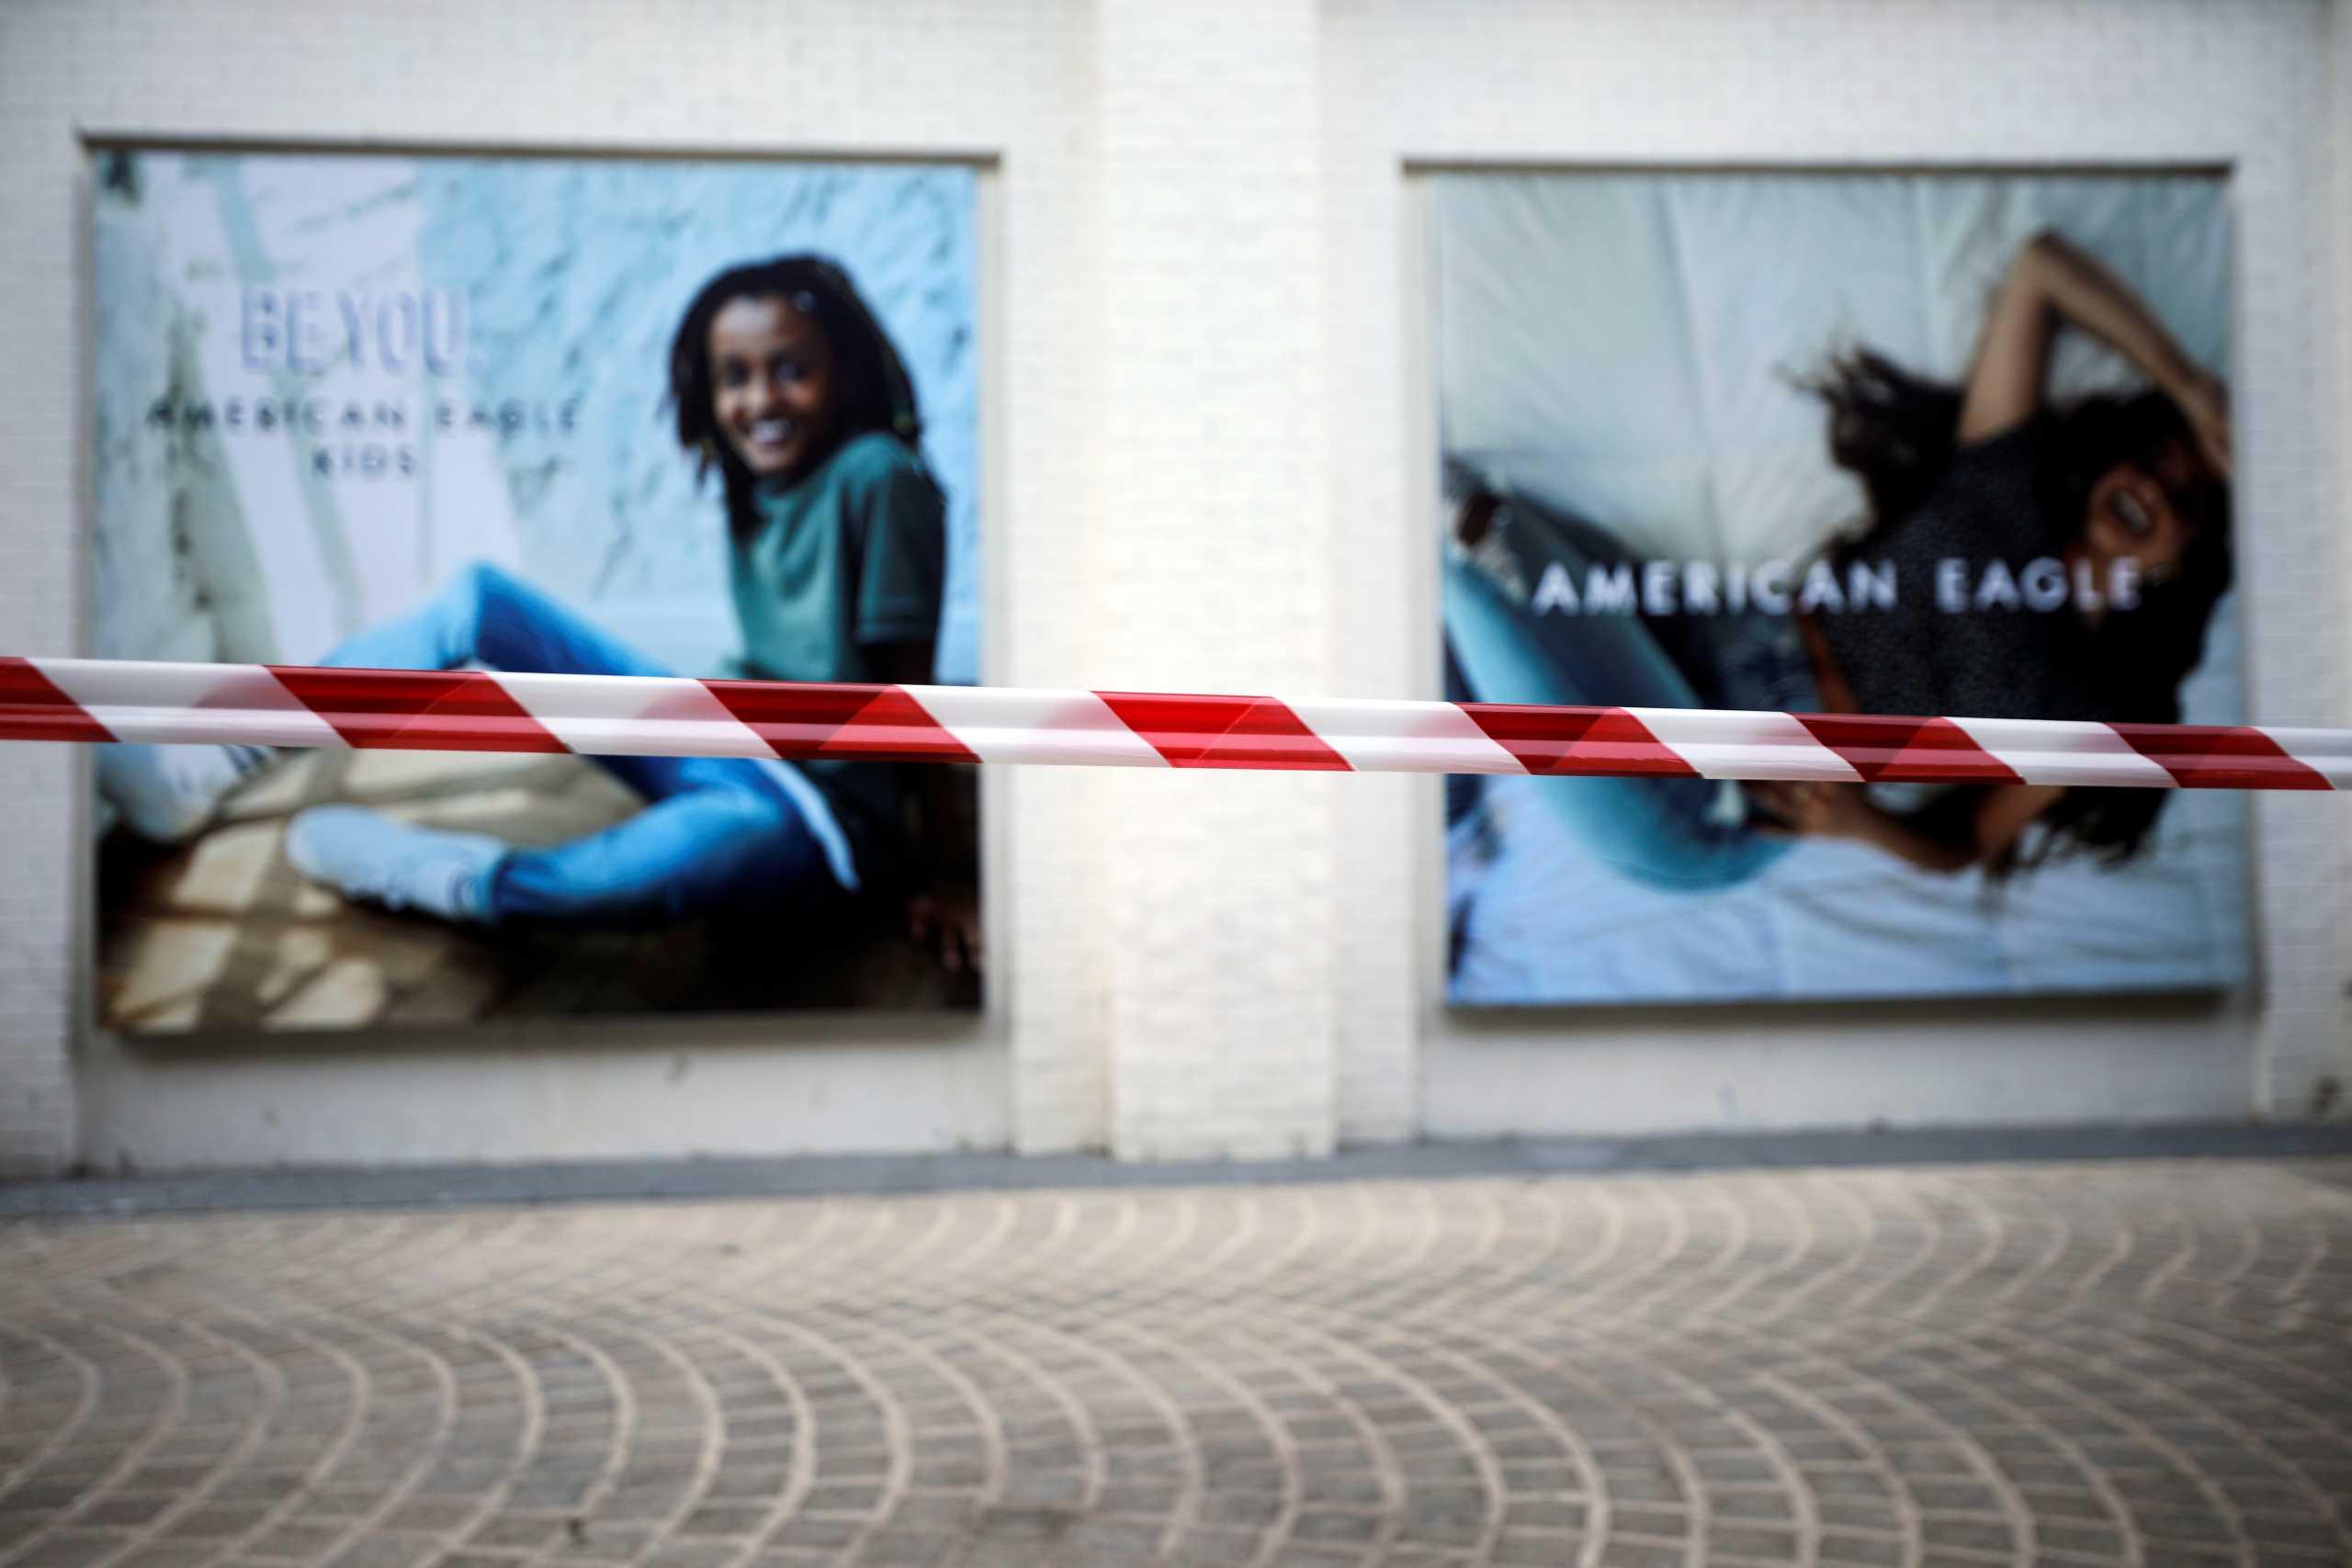 Μεγάλοι οίκοι μόδας κρατάνε στις αποθήκες ολόκληρες κολεξιόν – Σχεδιάστηκαν φέτος, θα λανσαριστούν του χρόνου